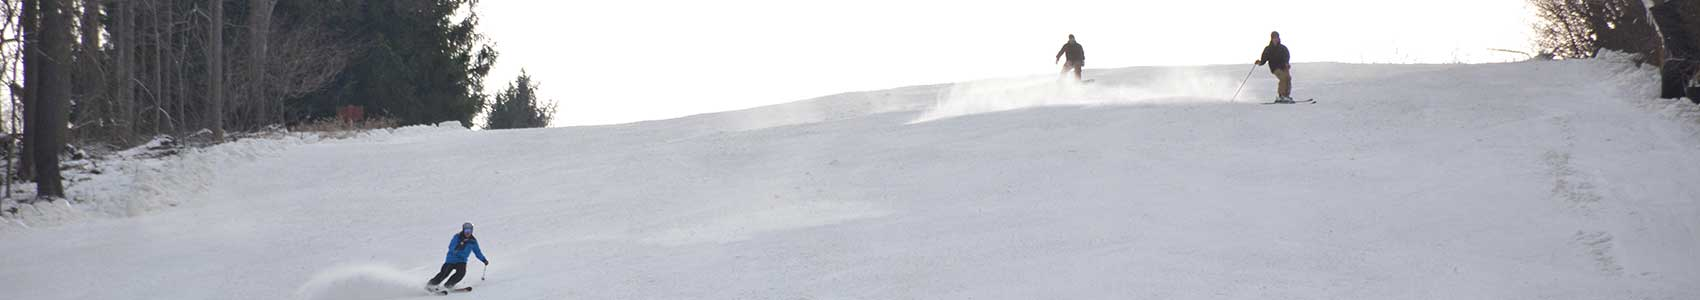 wildcat-skiers